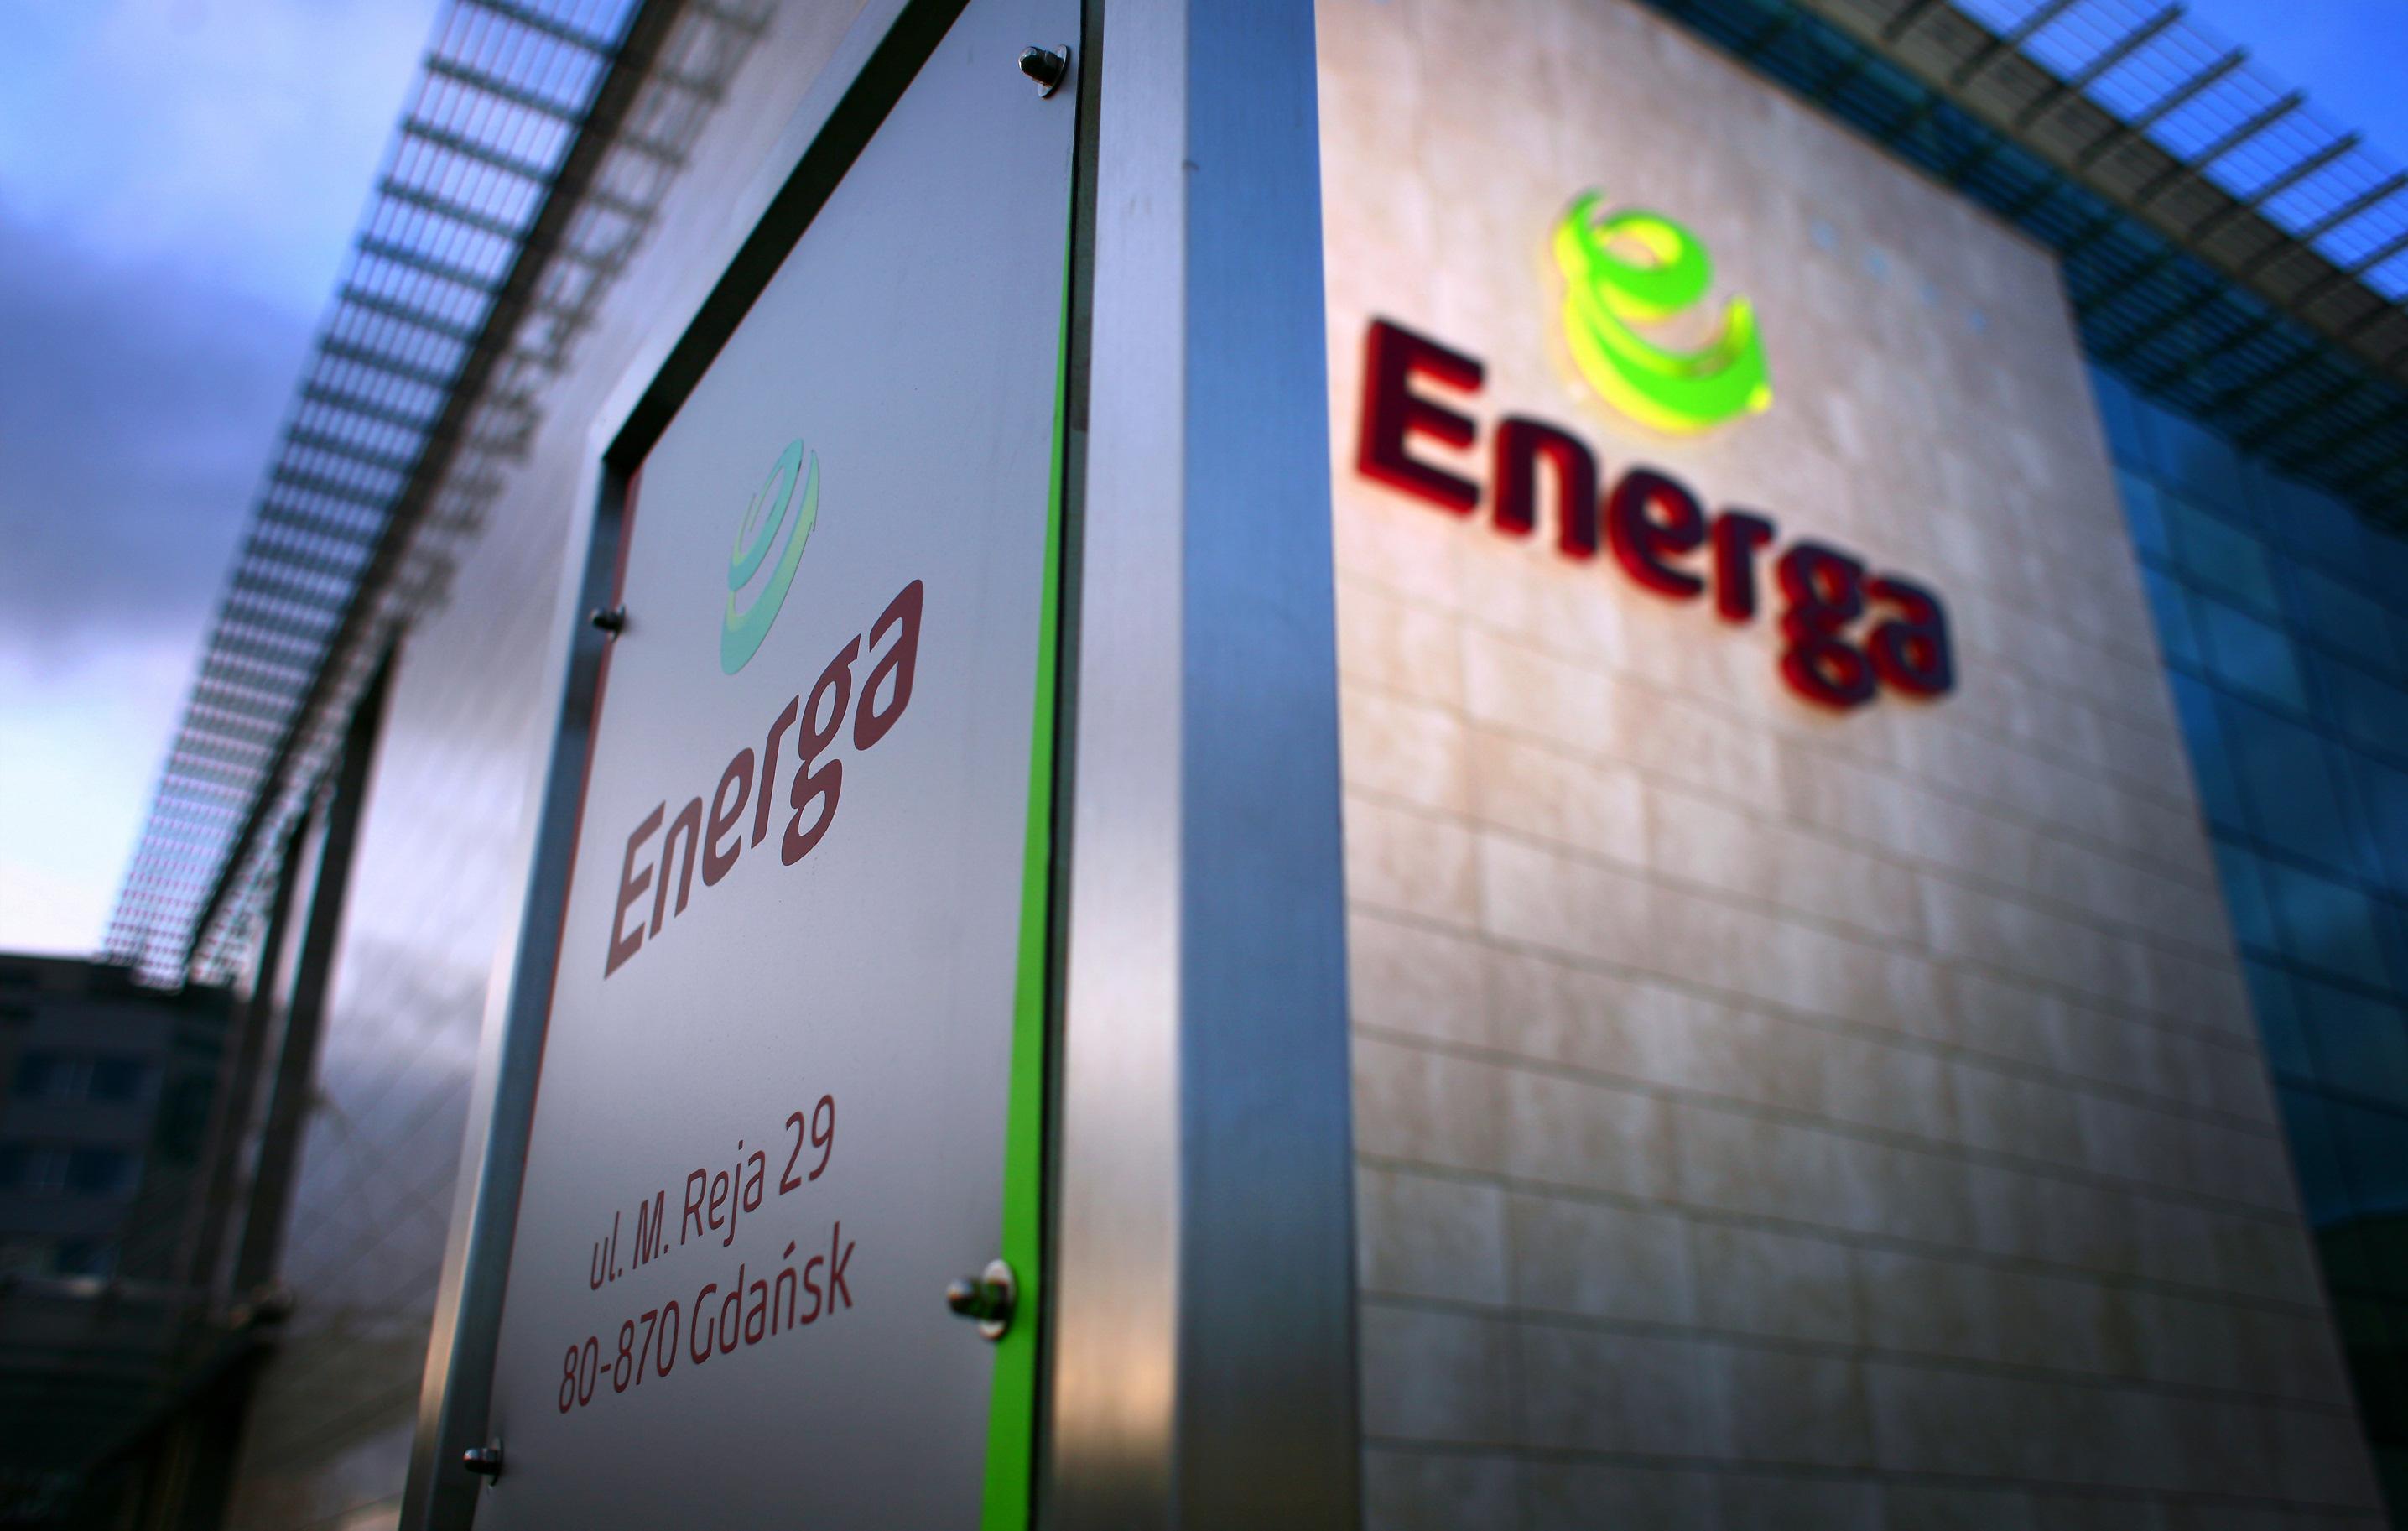 Fot. mat. Energa